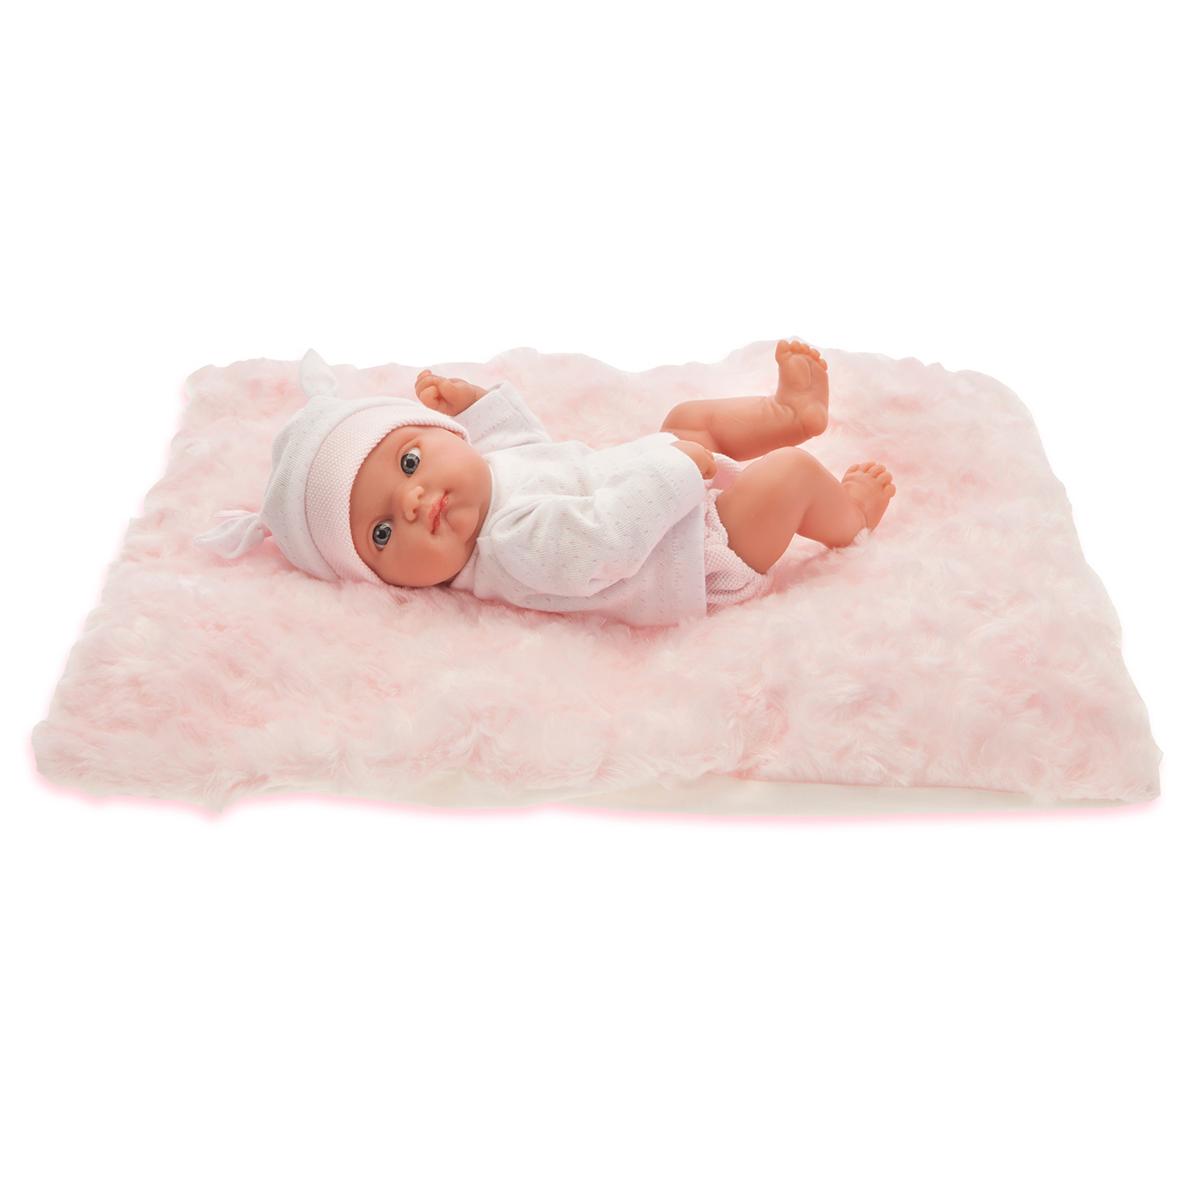 Кукла Пепита на розовом одеяле, 21 см.Куклы Антонио Хуан (Antonio Juan Munecas)<br>Кукла Пепита на розовом одеяле, 21 см.<br>